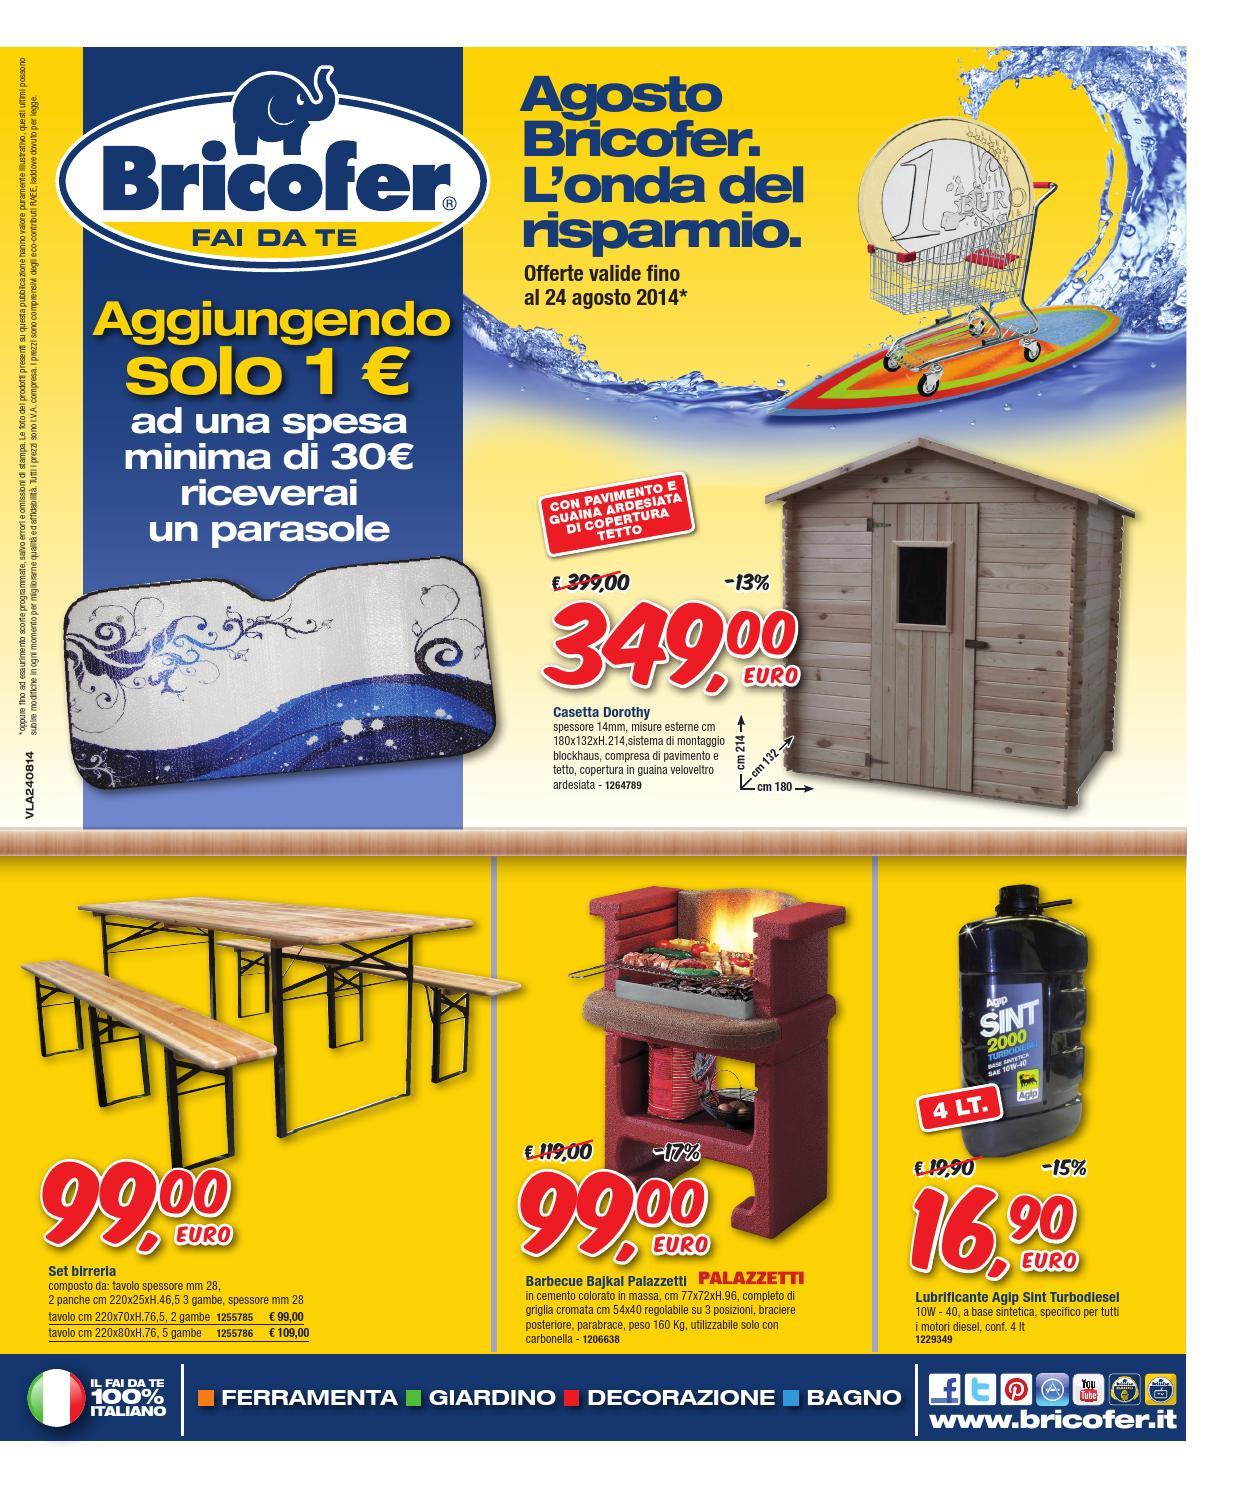 Del BricoferL'onda BricoferL'onda Risparmio Agosto Agosto EH9ID2